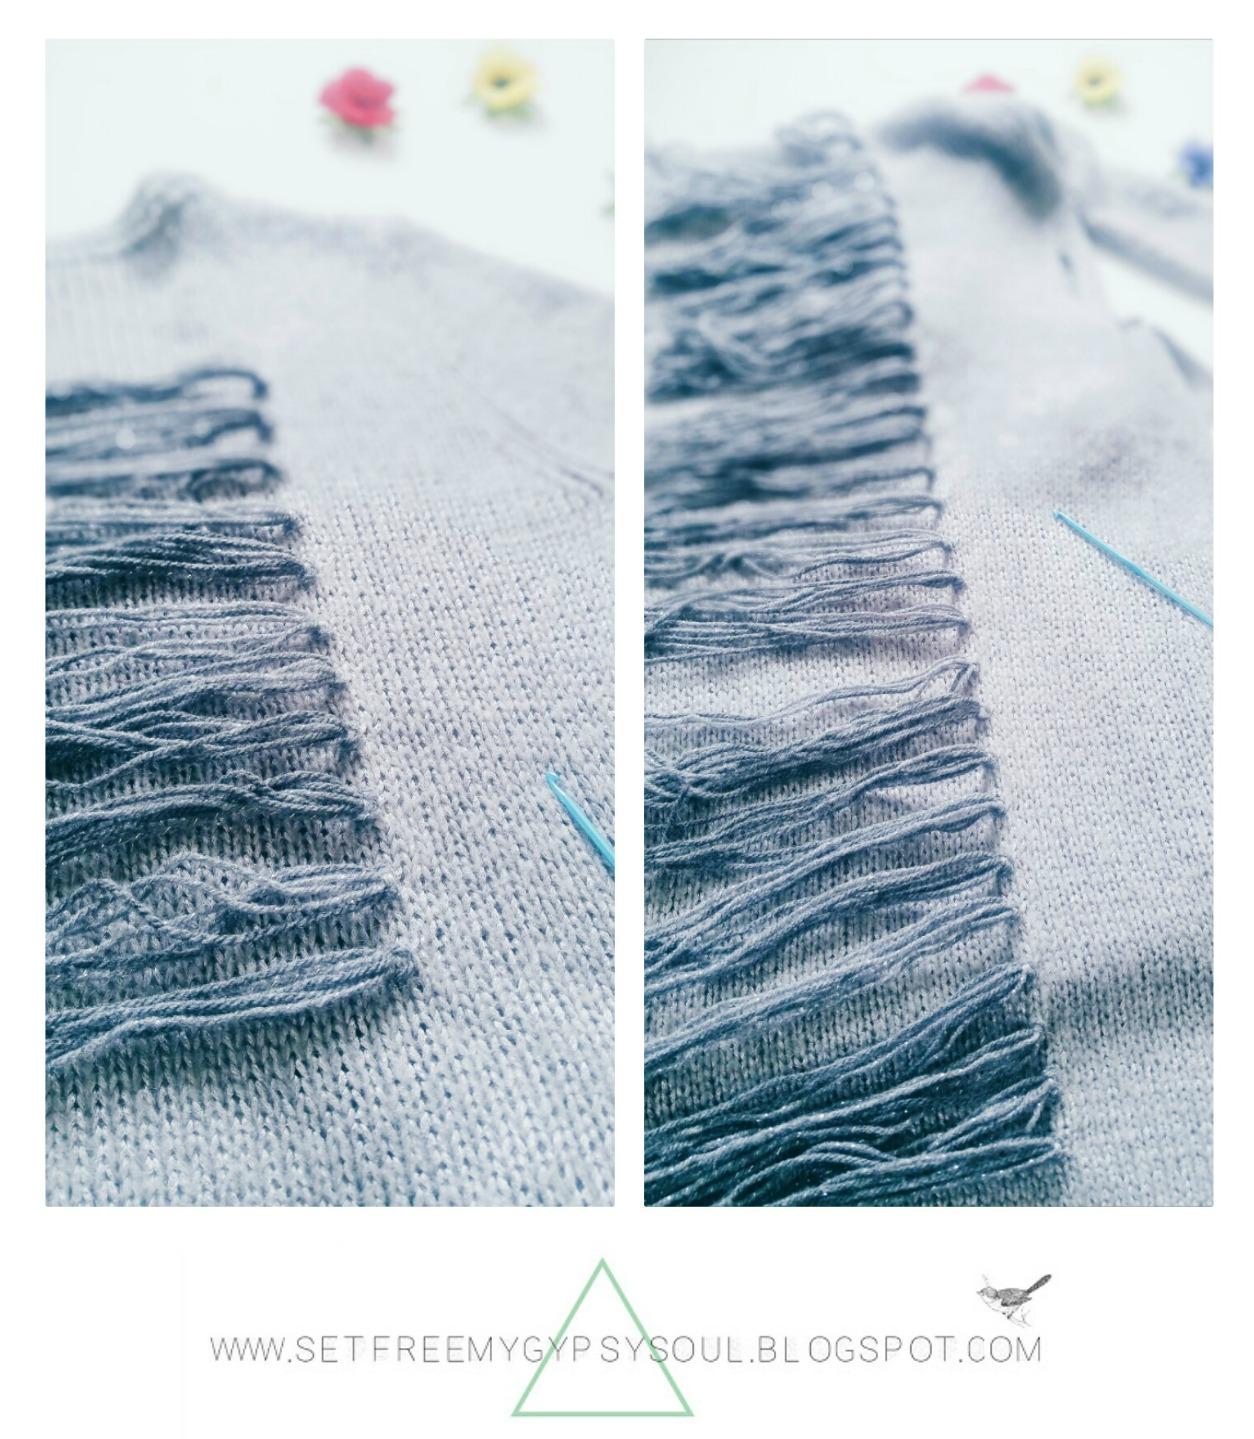 easy clothing refashion upycle sweater cardigan maxi boho